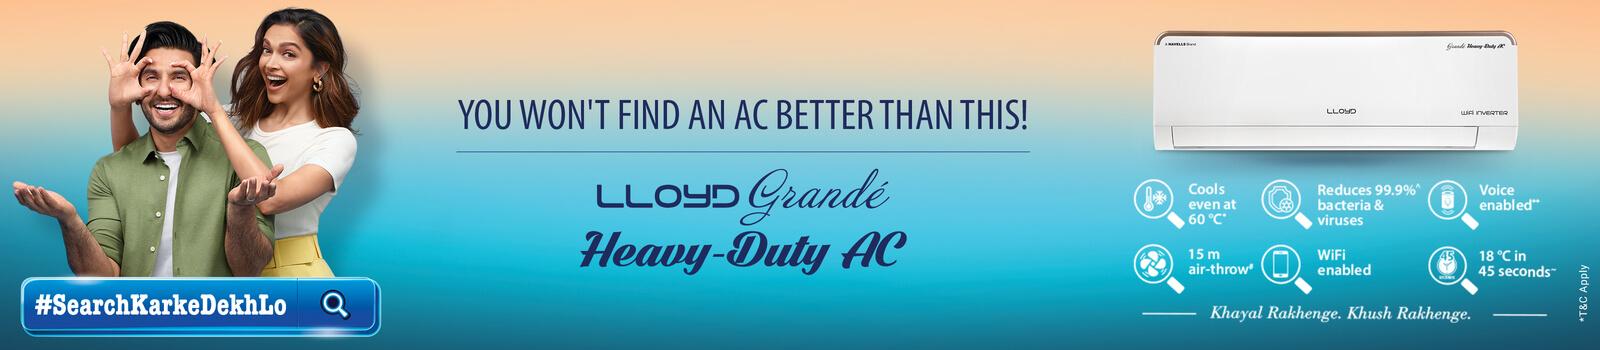 LLOYD Heavy Duty AC new